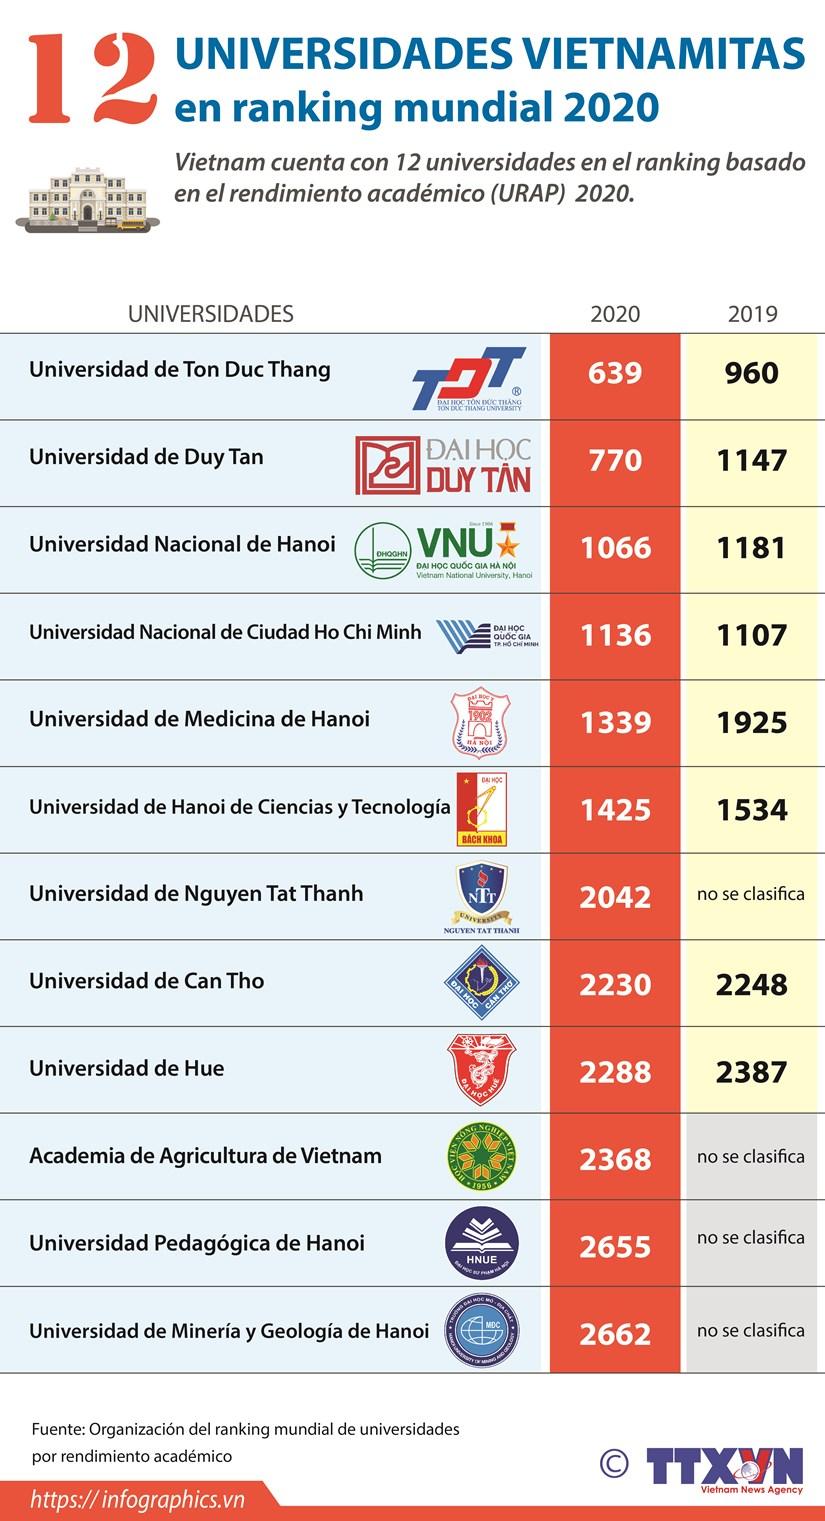 12 universidades vietnamitas en ranking mundial 2020 hinh anh 1